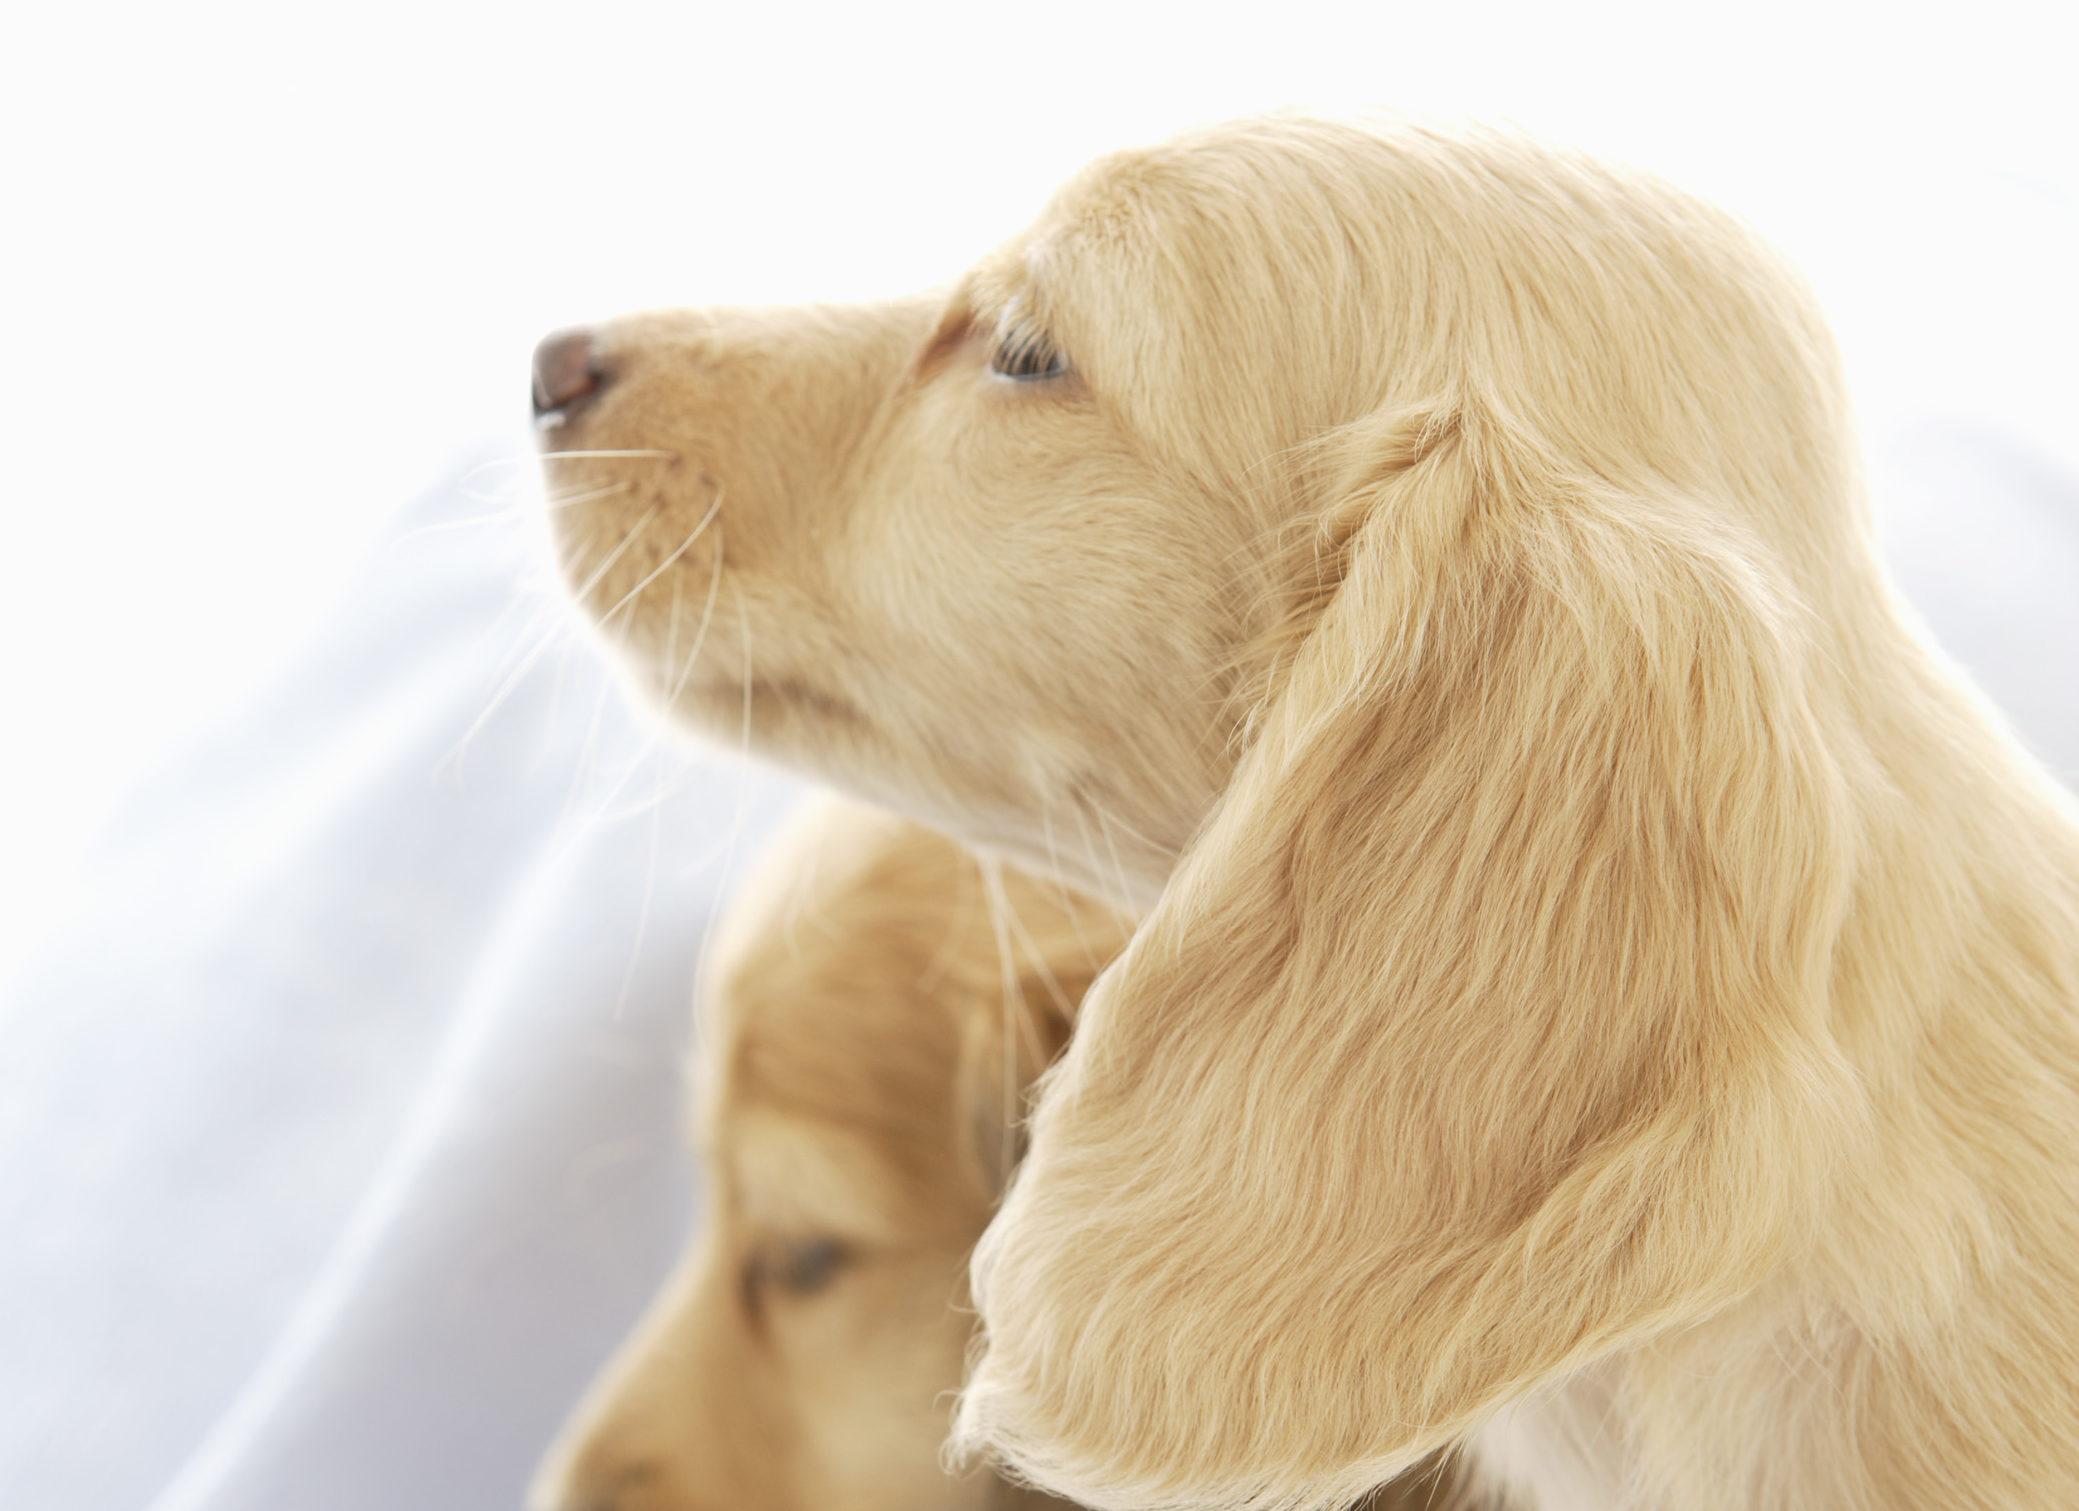 犬の皮膚トラブルに効果的な保湿剤とは